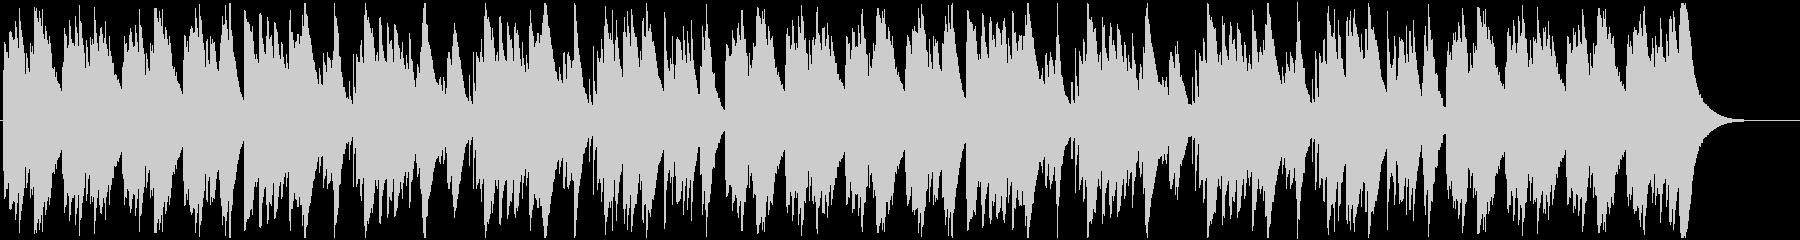 オルゴールによる軽やかなメロディの未再生の波形